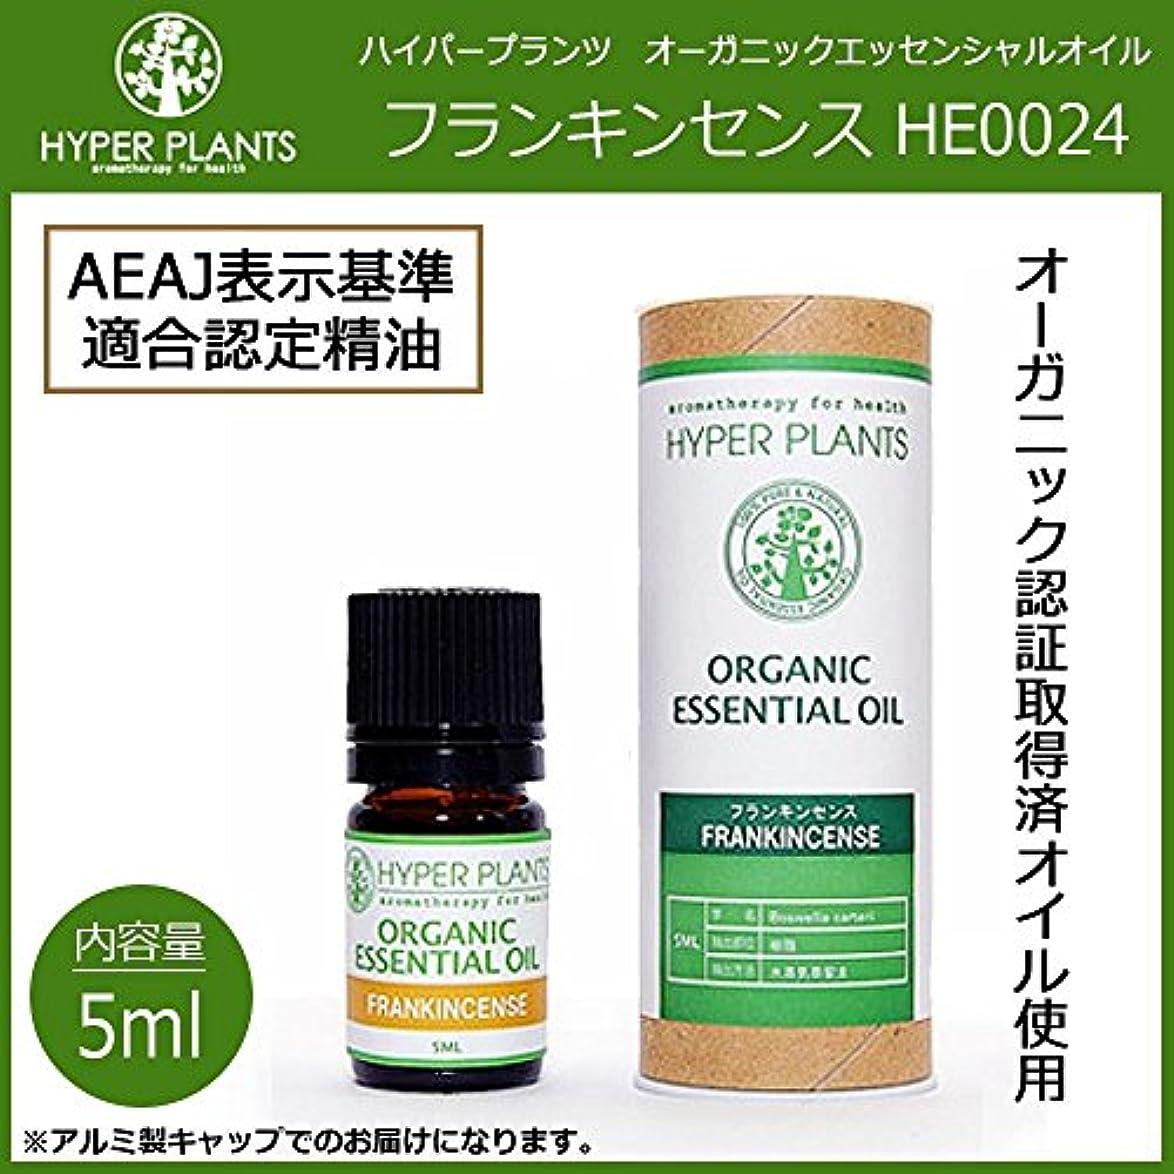 内なるコンペアリHYPER PLANTS ハイパープランツ オーガニックエッセンシャルオイル フランキンセンス 5ml HE0024